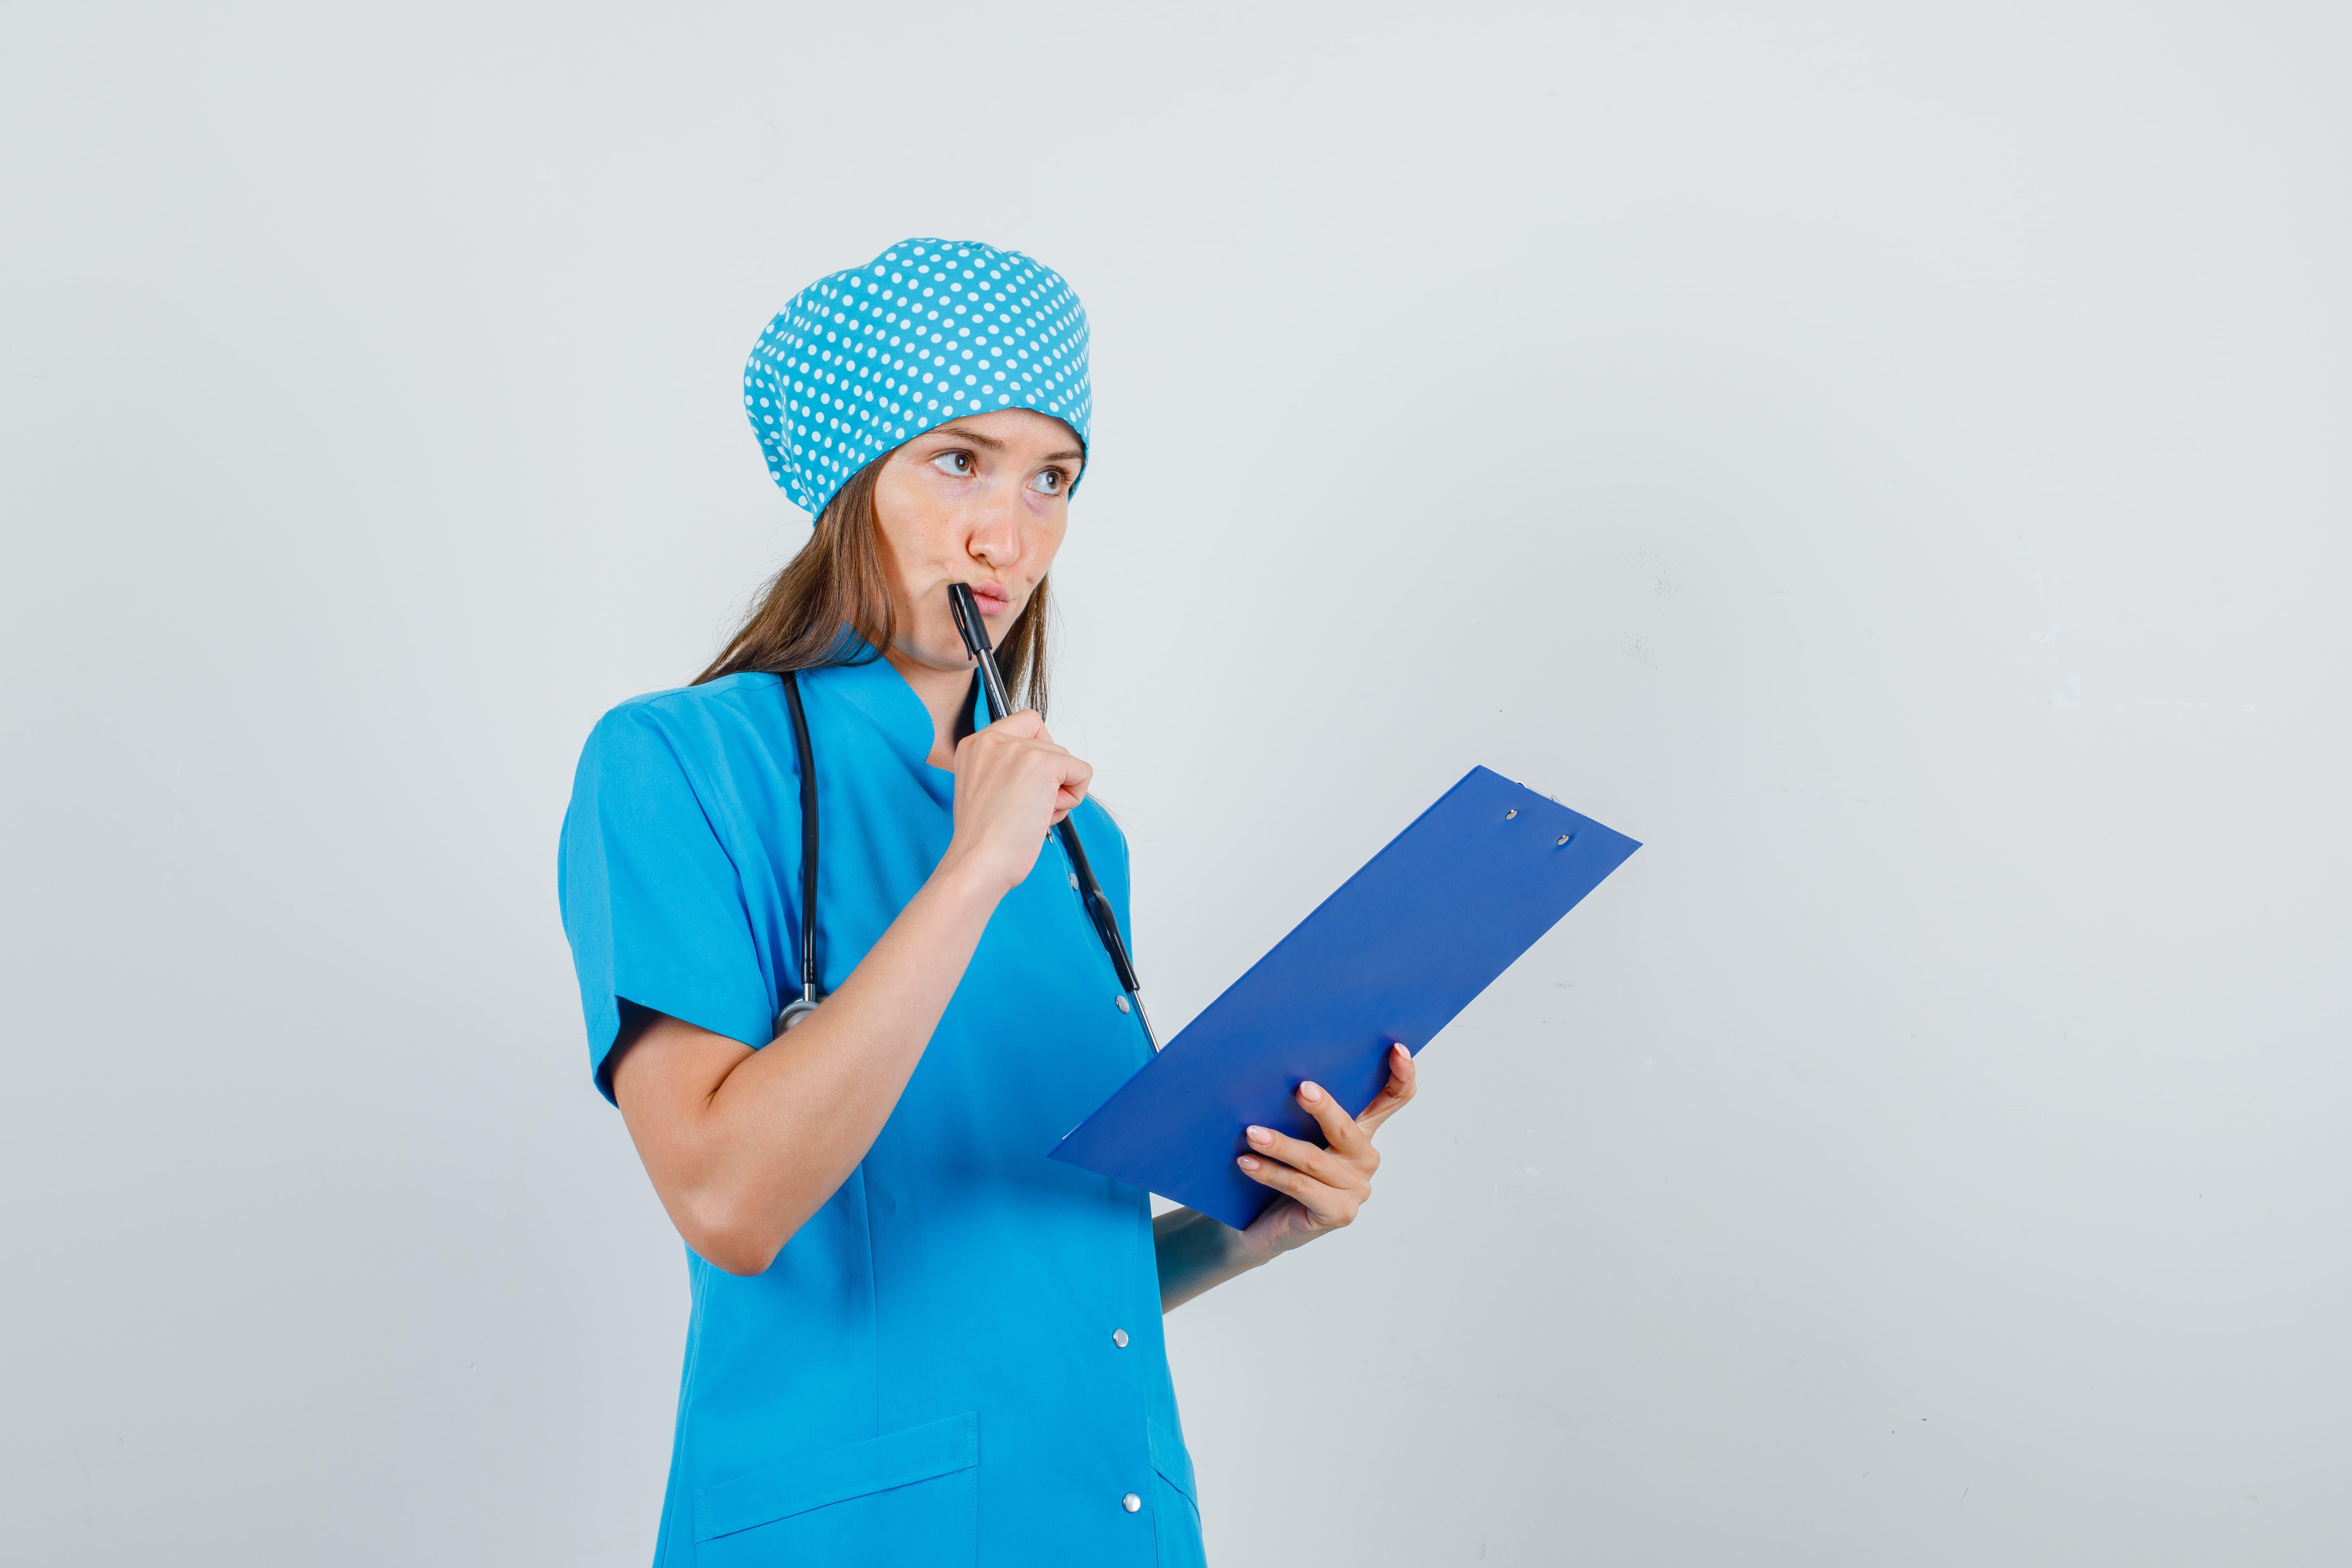 【給料は高い?】看護師が派遣で働くメリットとデメリット